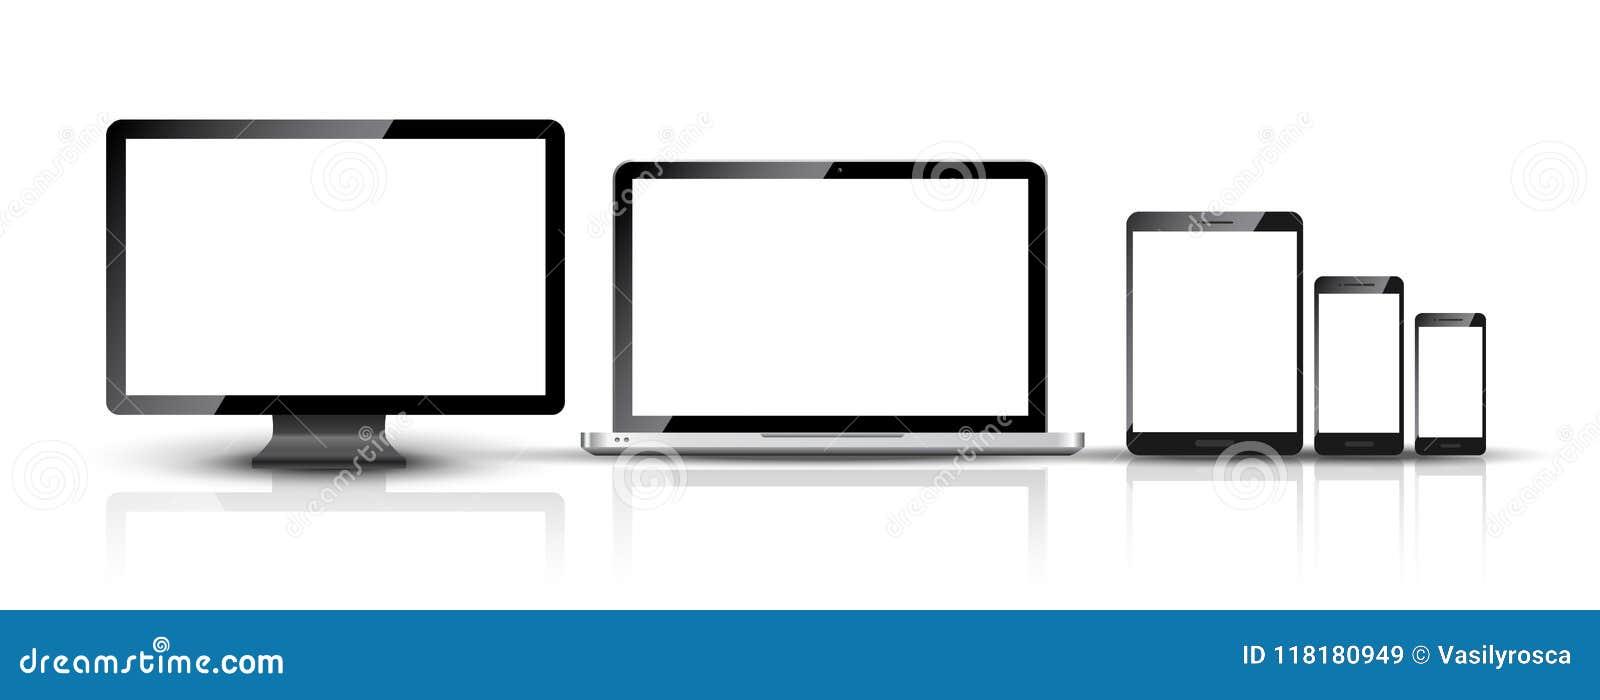 计算机显示器、智能手机、膝上型计算机和片剂个人计算机设计 手机聪明的数字式设备集合